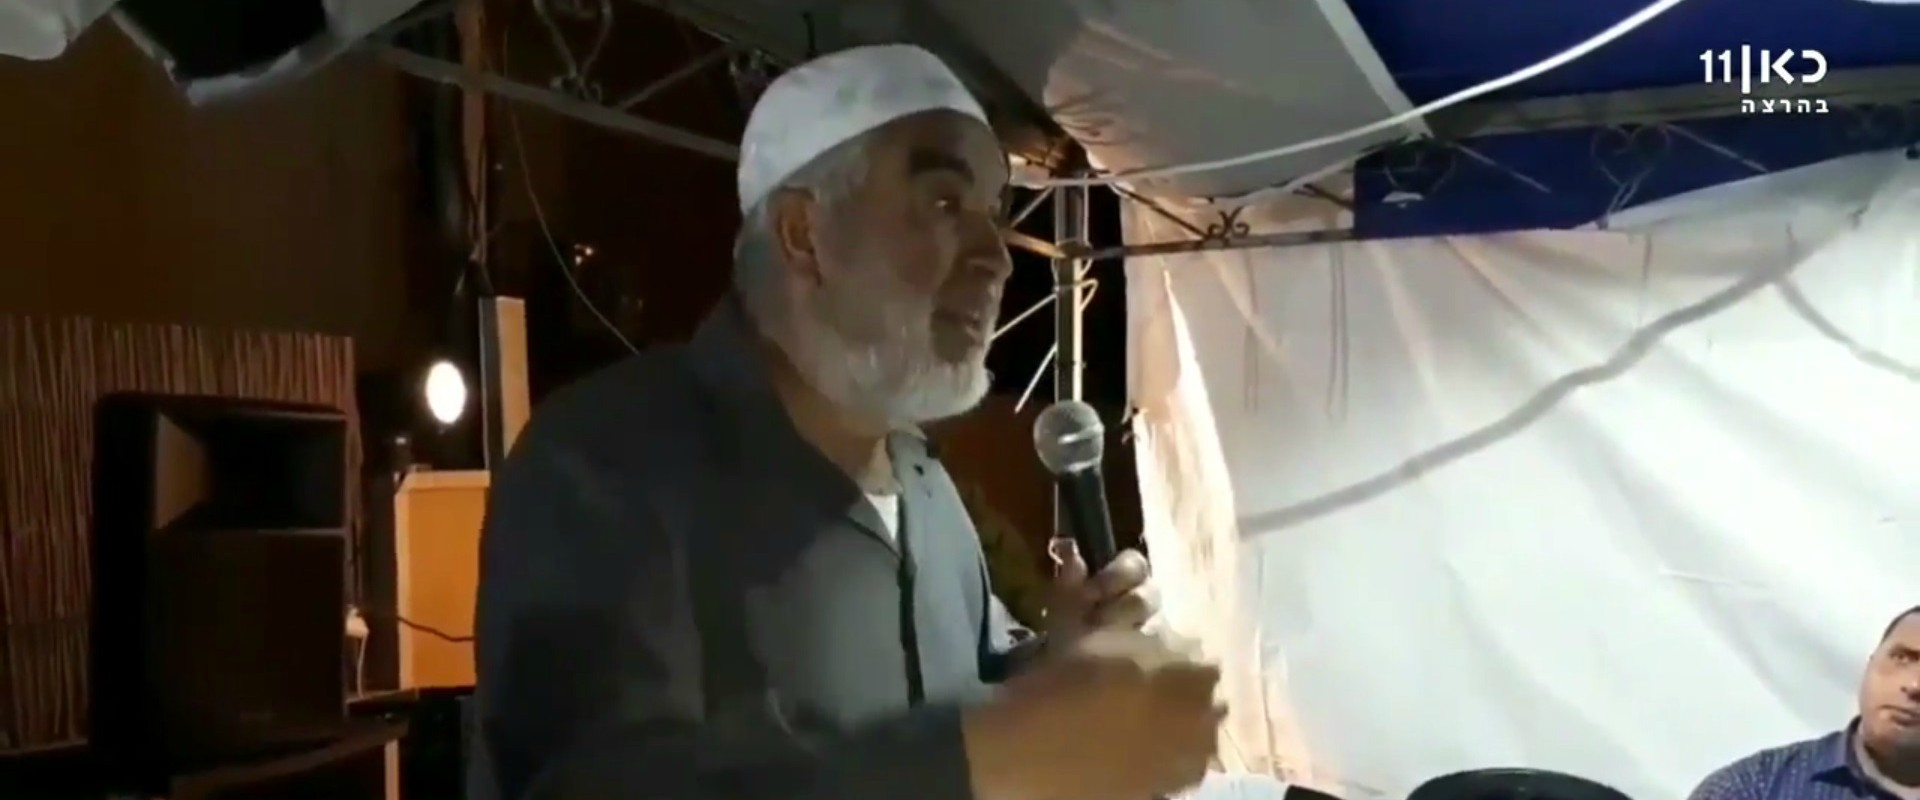 ראאד סלאח בסוכת האבלים ביפו